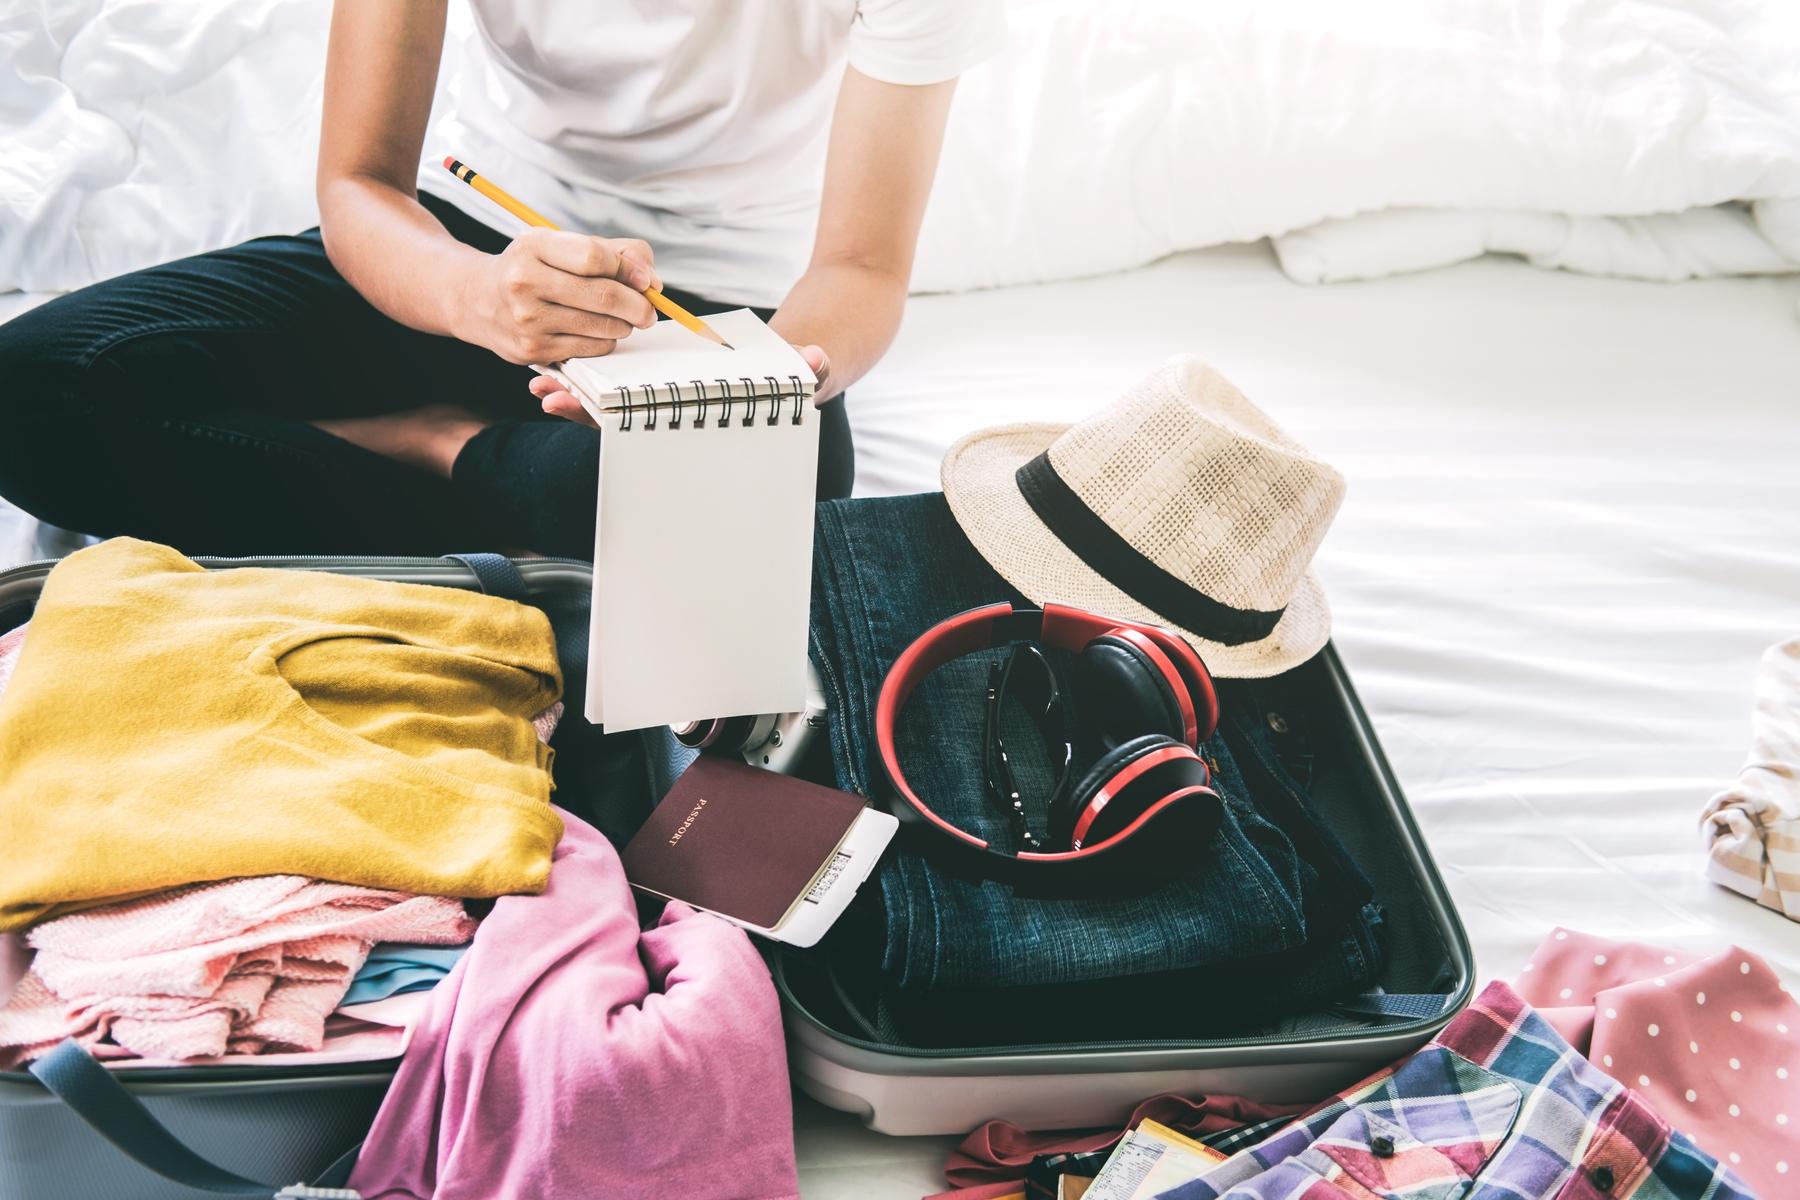 Packen muss gut bedacht sein